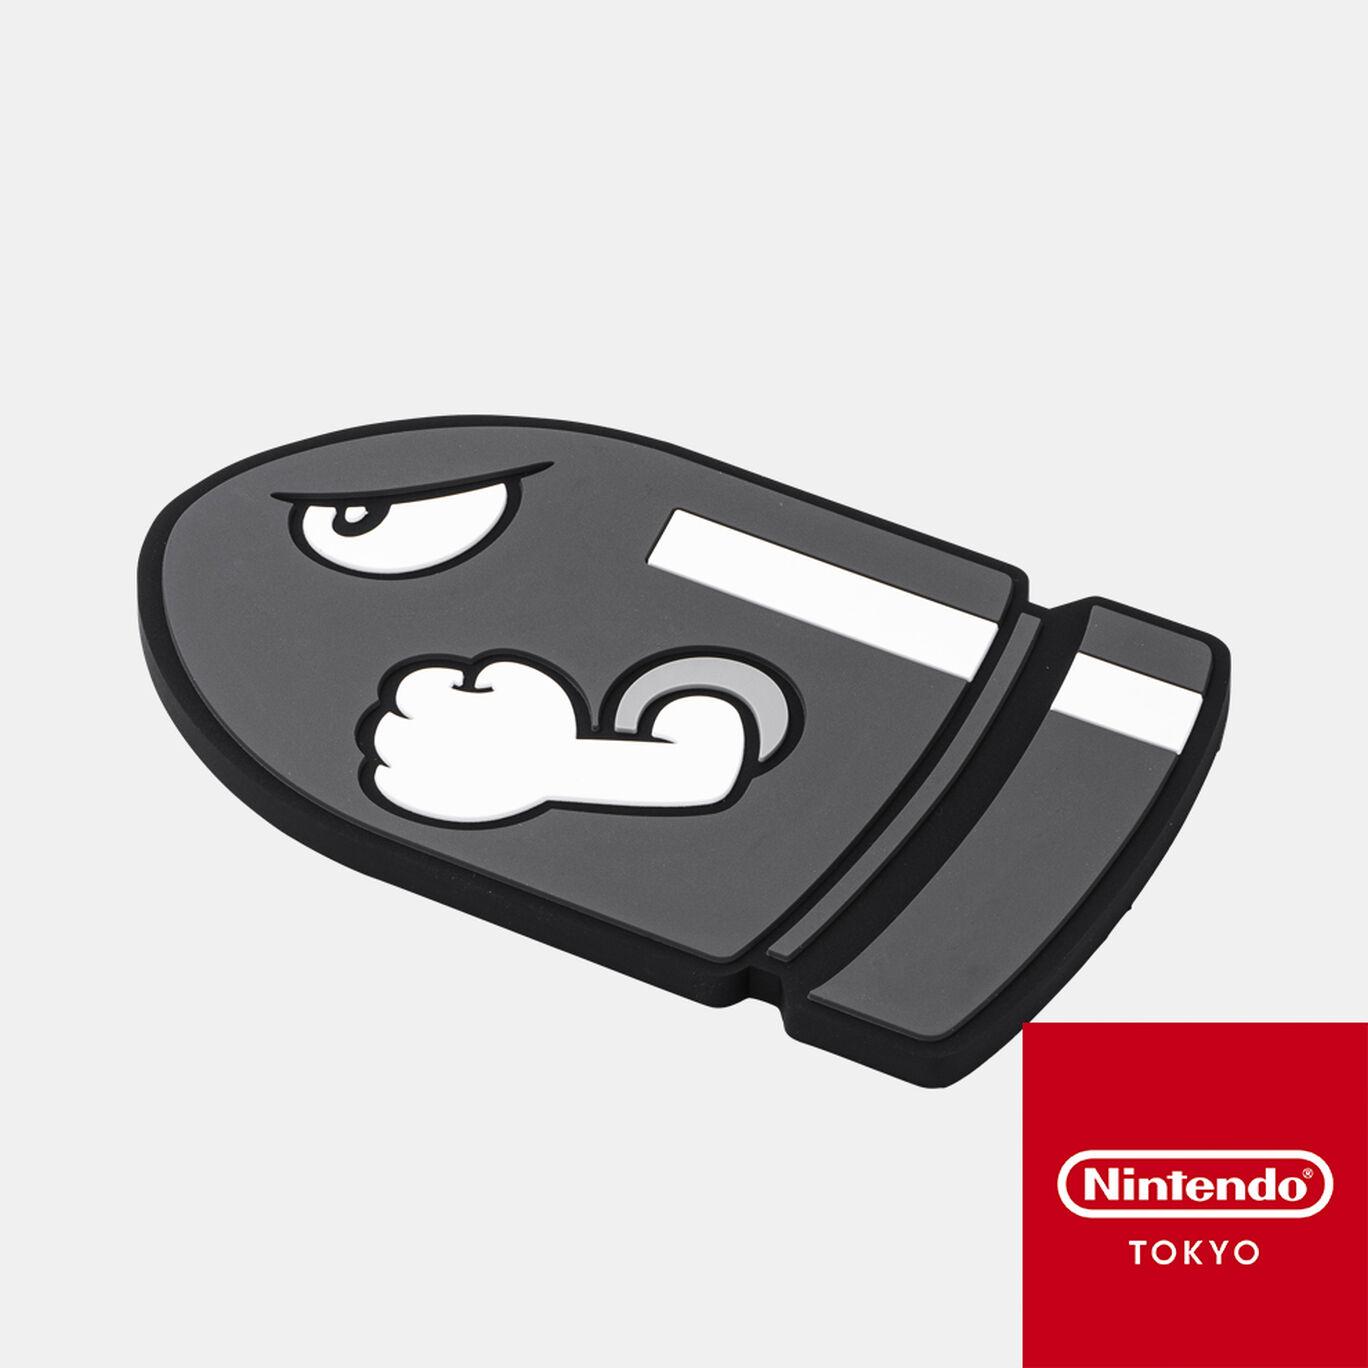 ラバーコースター スーパーマリオ C【Nintendo TOKYO取り扱い商品】